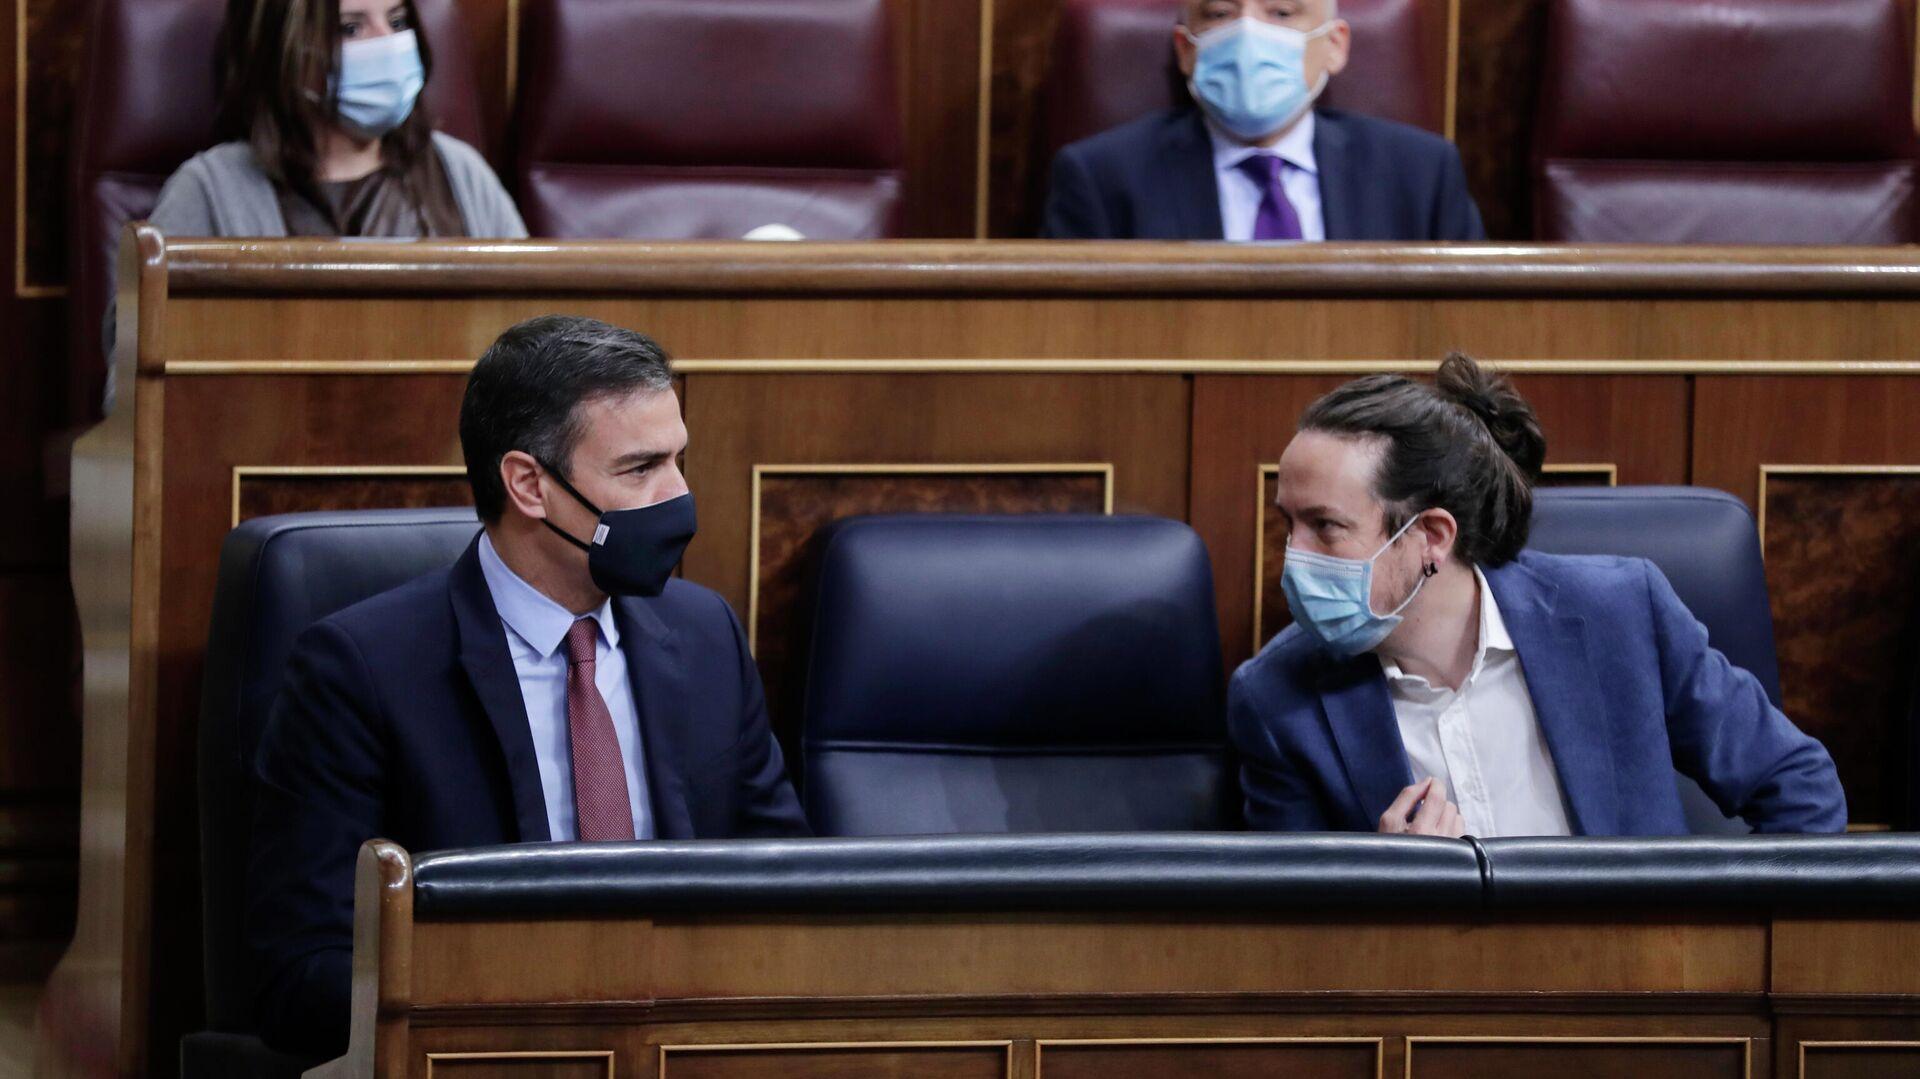 Pedro Sánchez y Pablo Iglesias en el Congreso.  - Sputnik Mundo, 1920, 17.03.2021